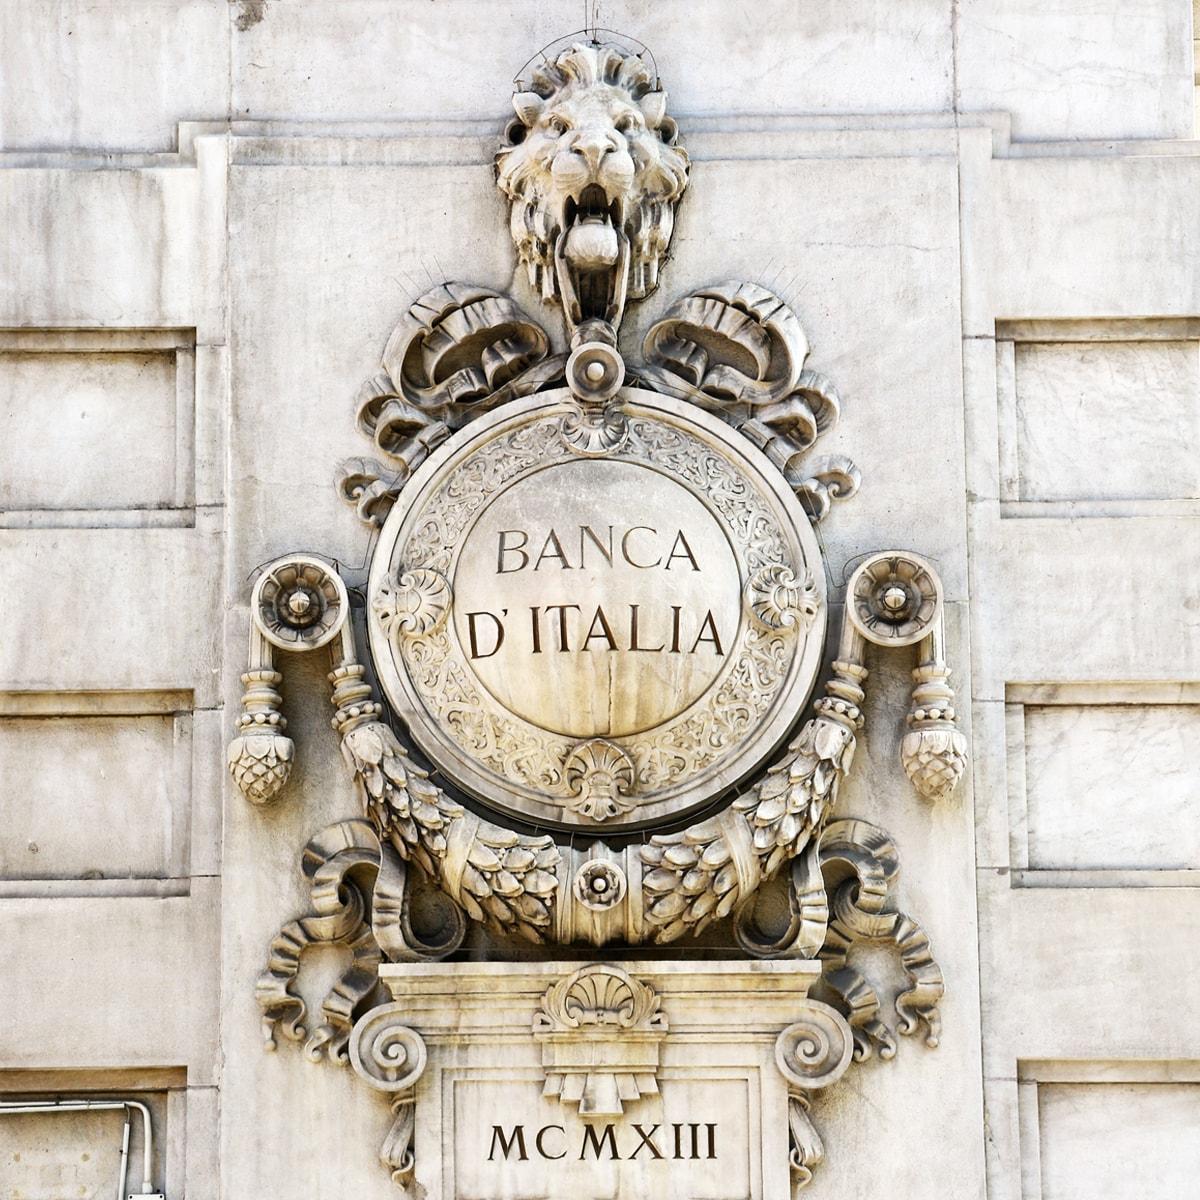 Tasse sospese, una parte sarà cancellata (Corriere della Sera)